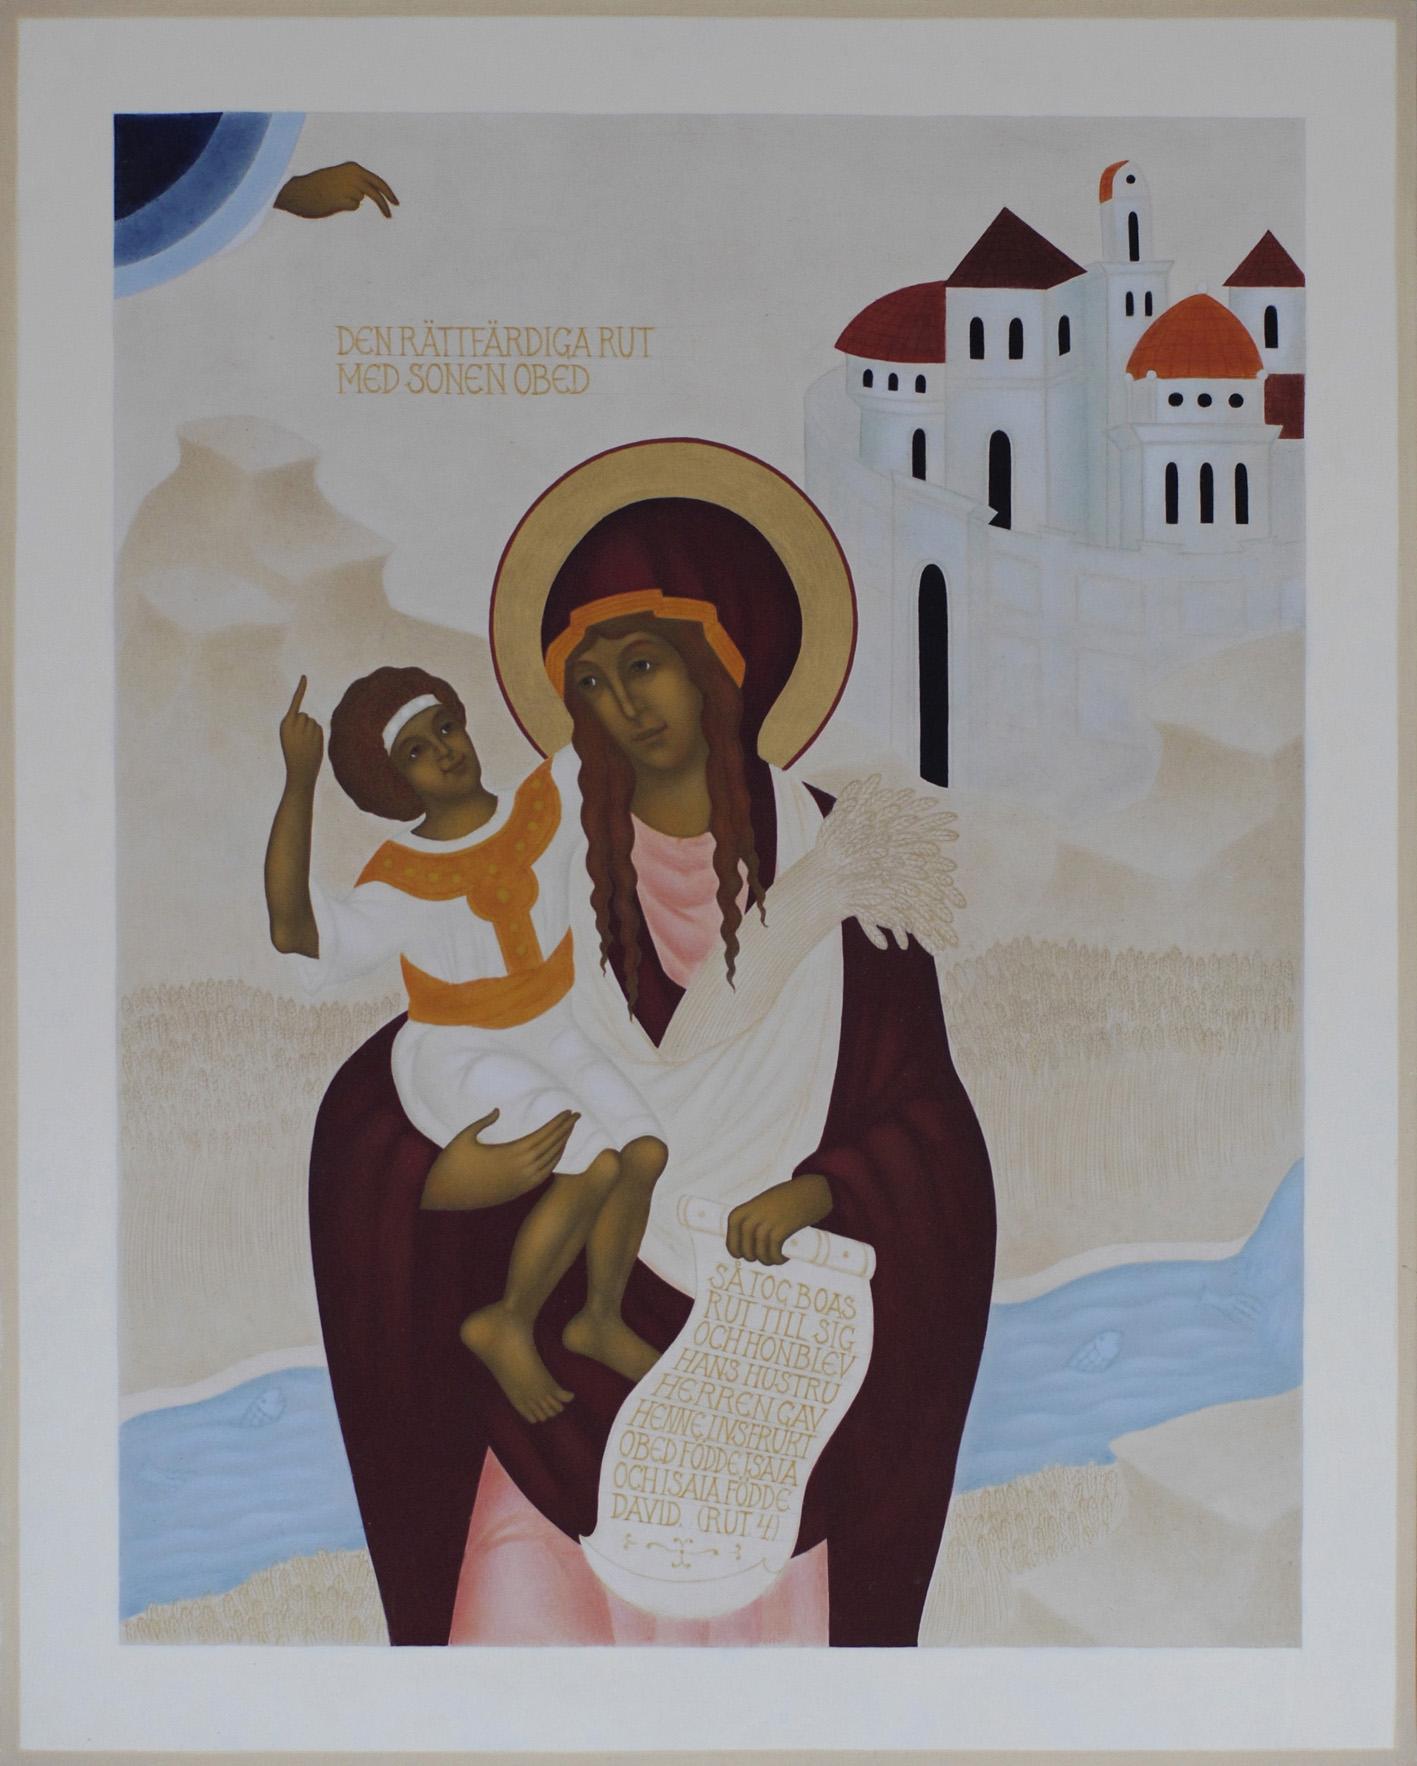 2. Rut, helbild kopia